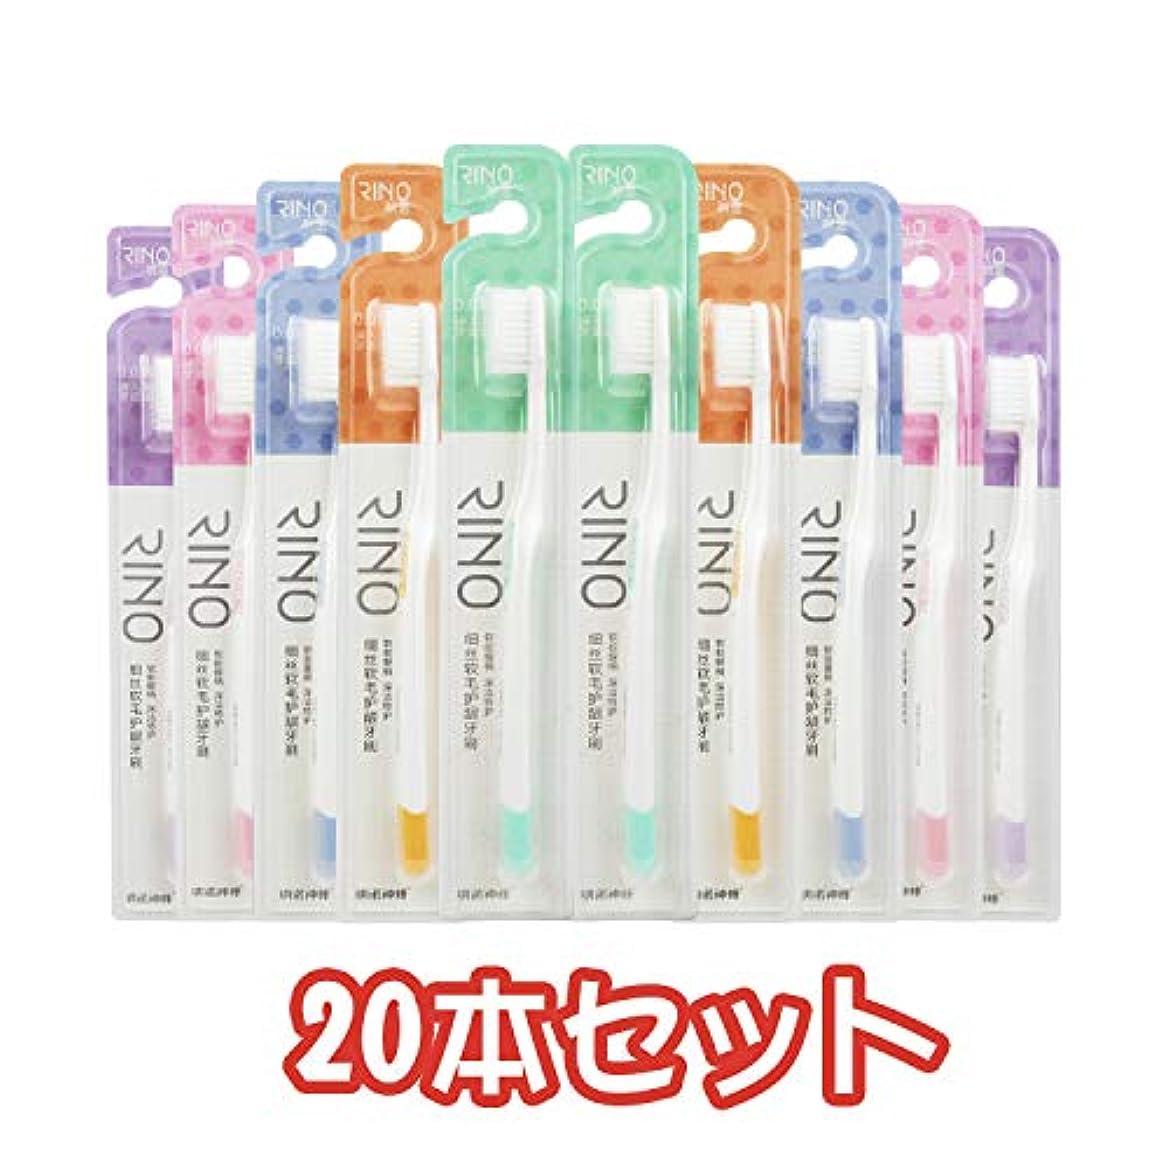 マーキーぴったり懐Nano 20本セット やわらかい 歯ブラシ 大人用 耐久性 旅行用 子供 卸売価格 安い歯ブラシ